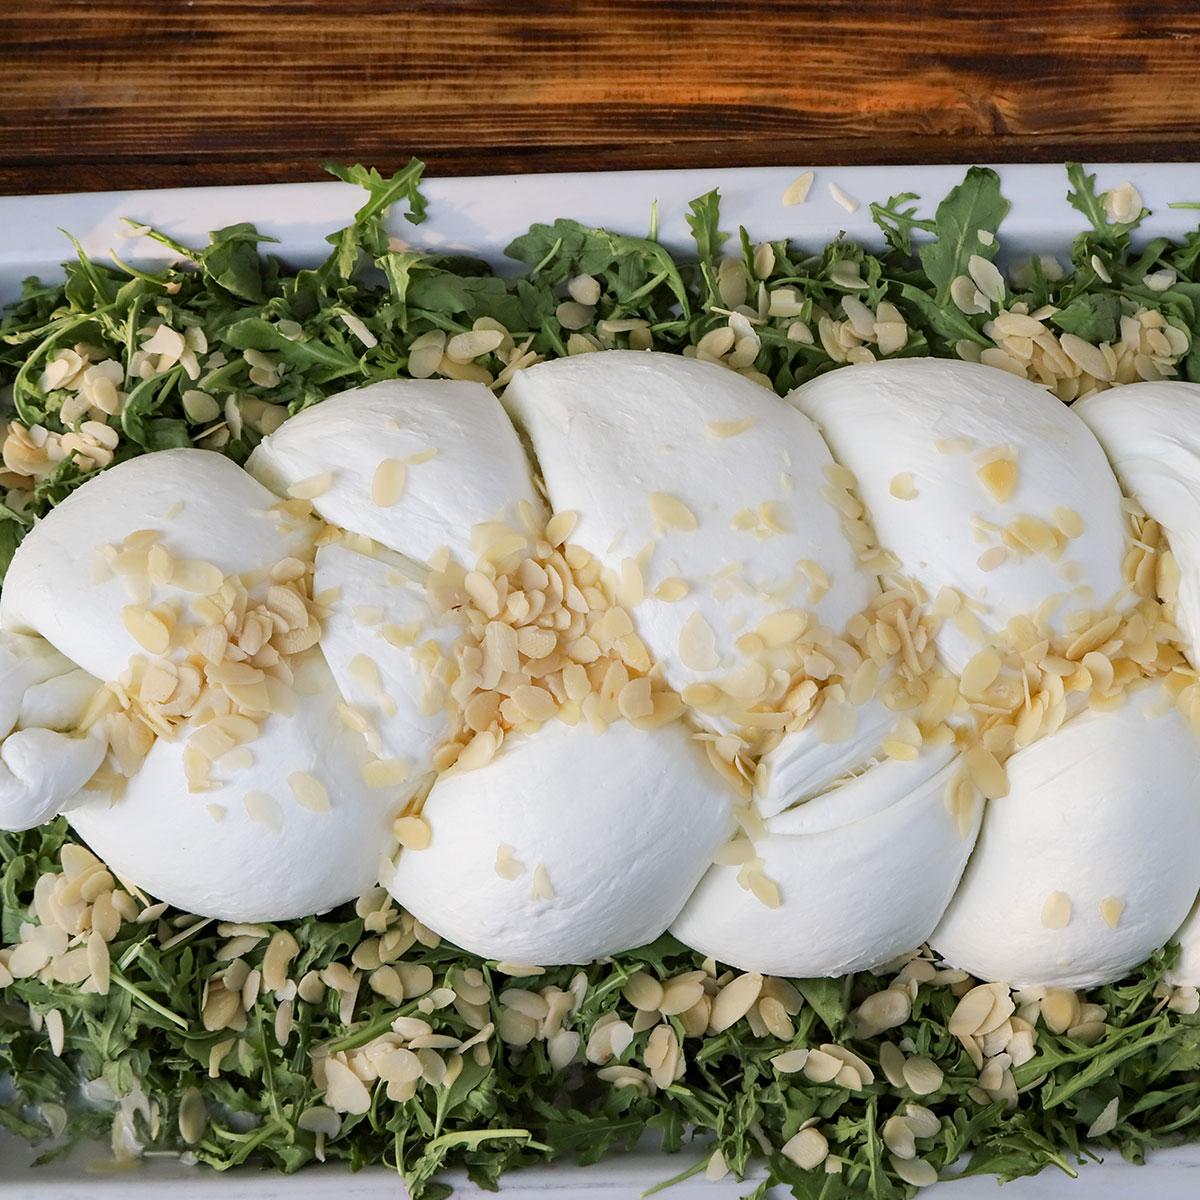 Mozzarella di qualità | Negriricevimenti.com